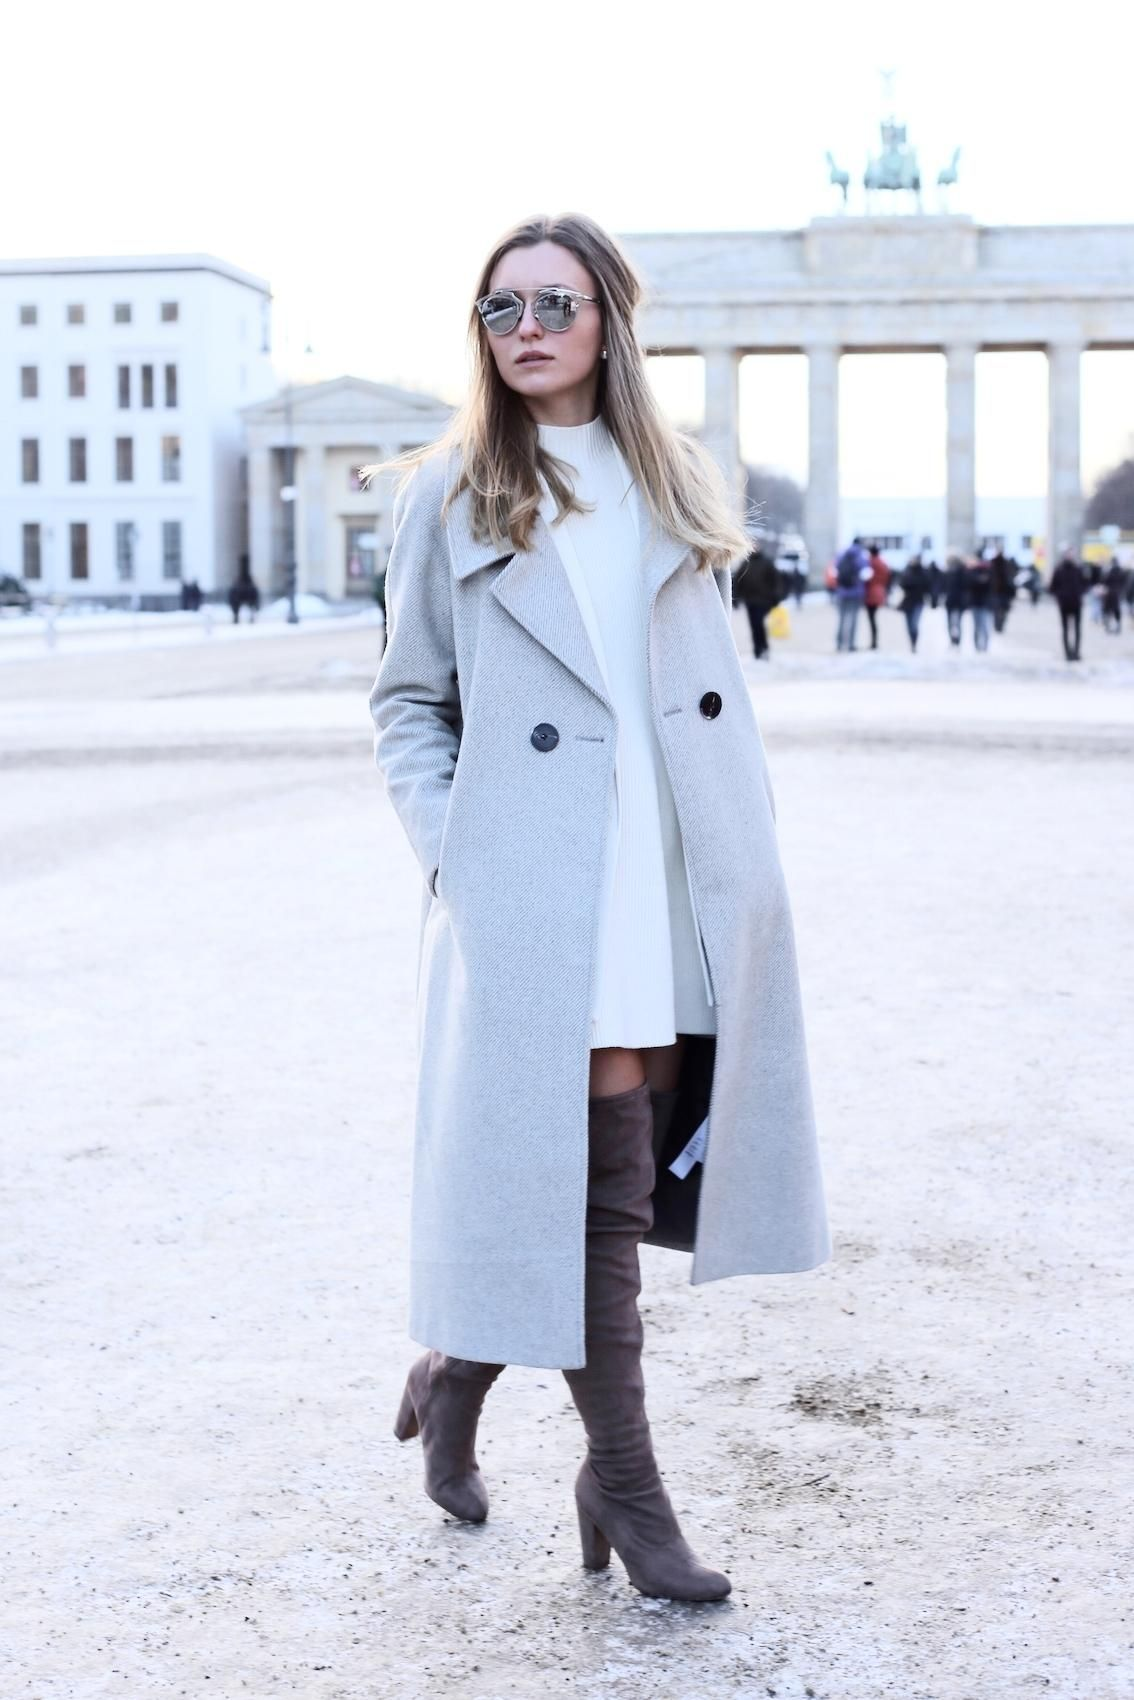 winter dress up